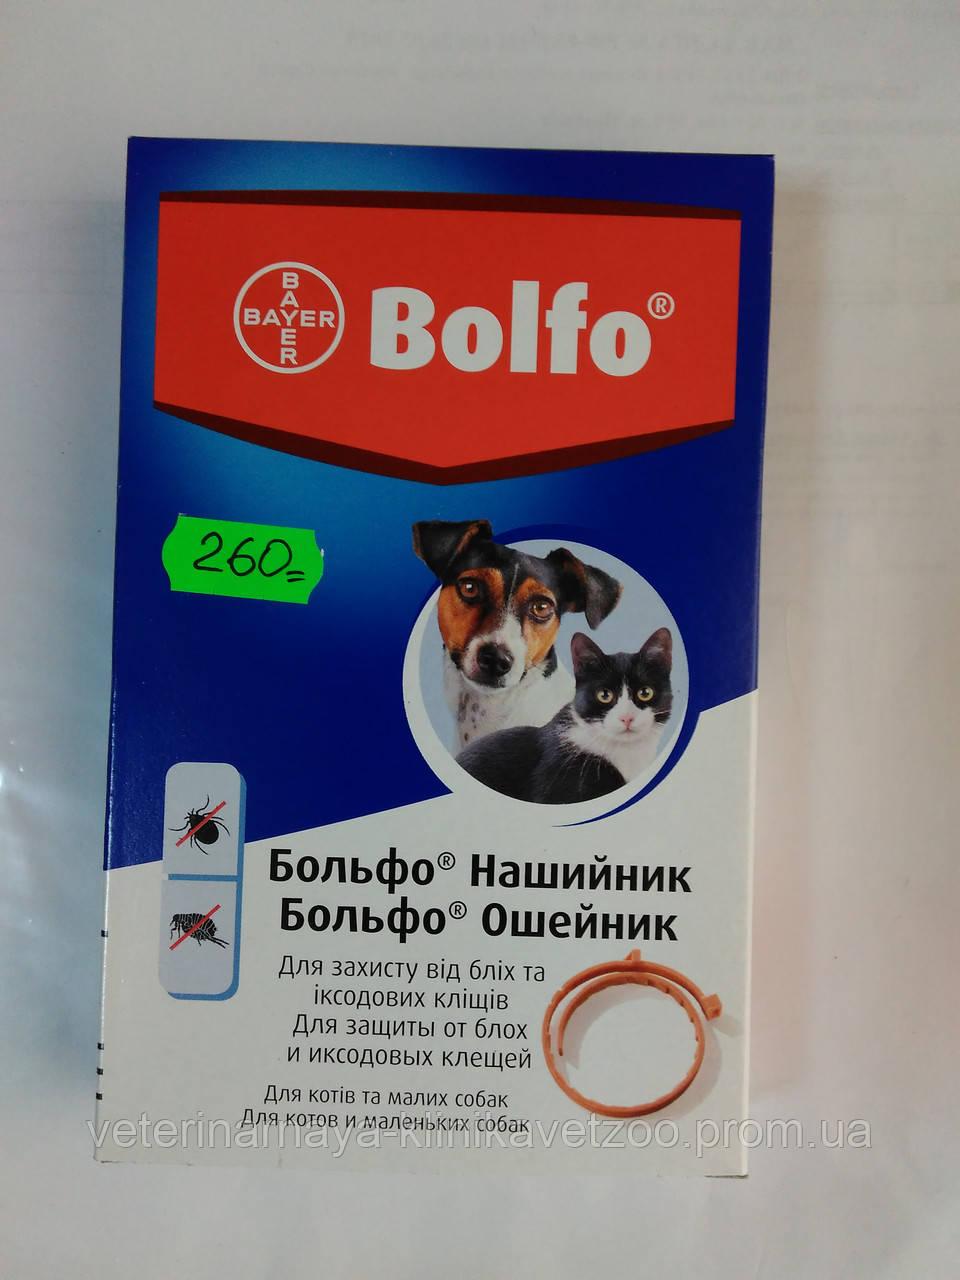 Bolfo1шт 35см(ошейник для собак мелких пород от блох и клещей)